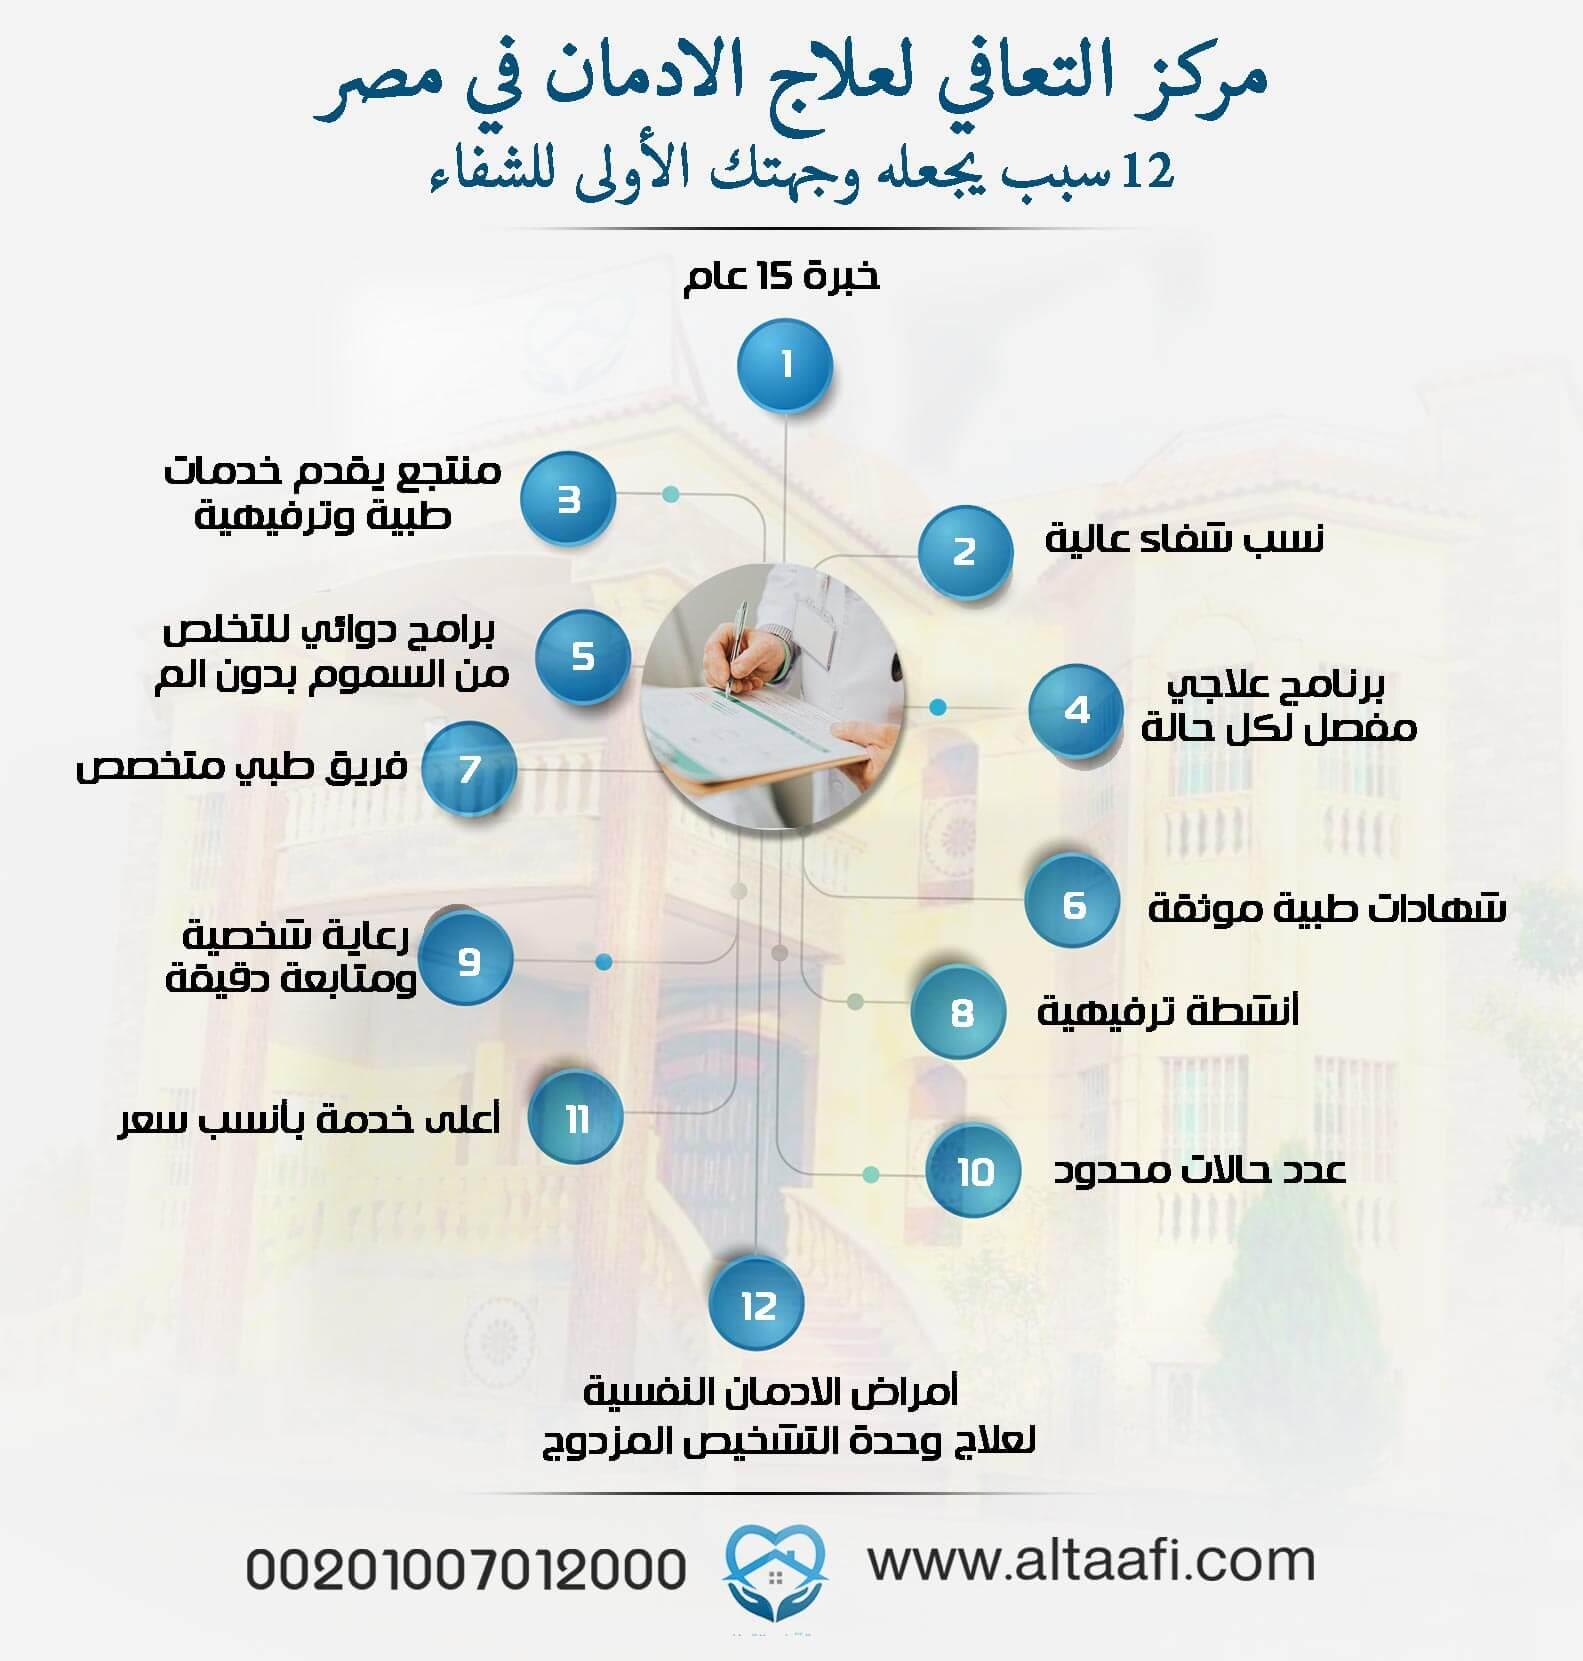 مركز التعافي لعلاج الإدمان في مصر 12 سبب يجعله وجهتك الأولى للشفاء.